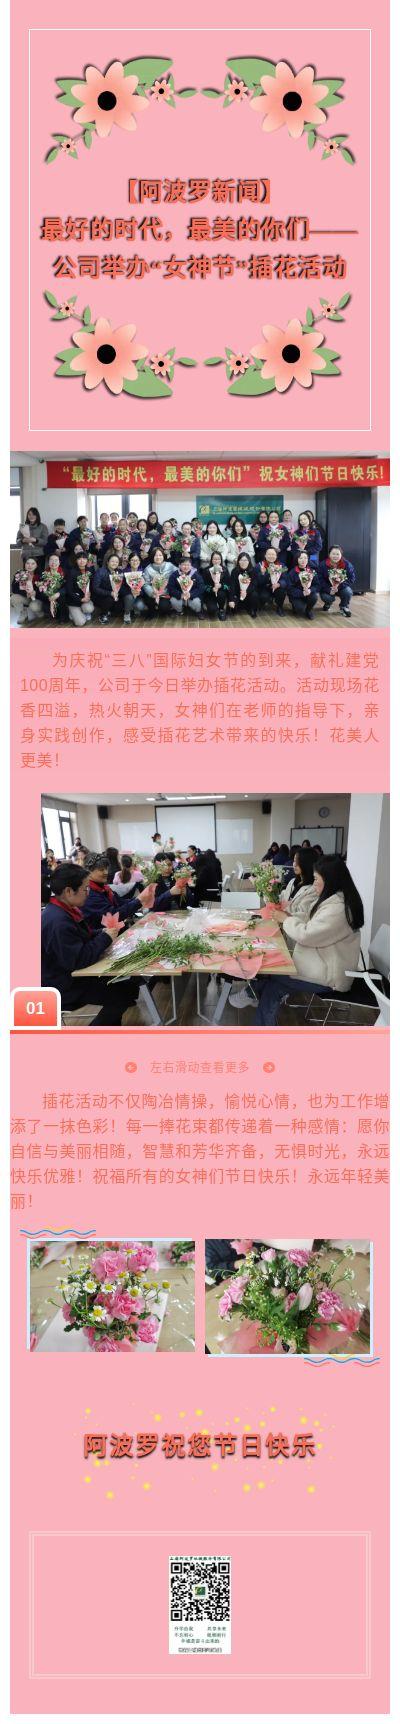 """【凯时k66博彩新闻】最好的时代,最美的你们——公司举办""""女神节""""插花活动"""